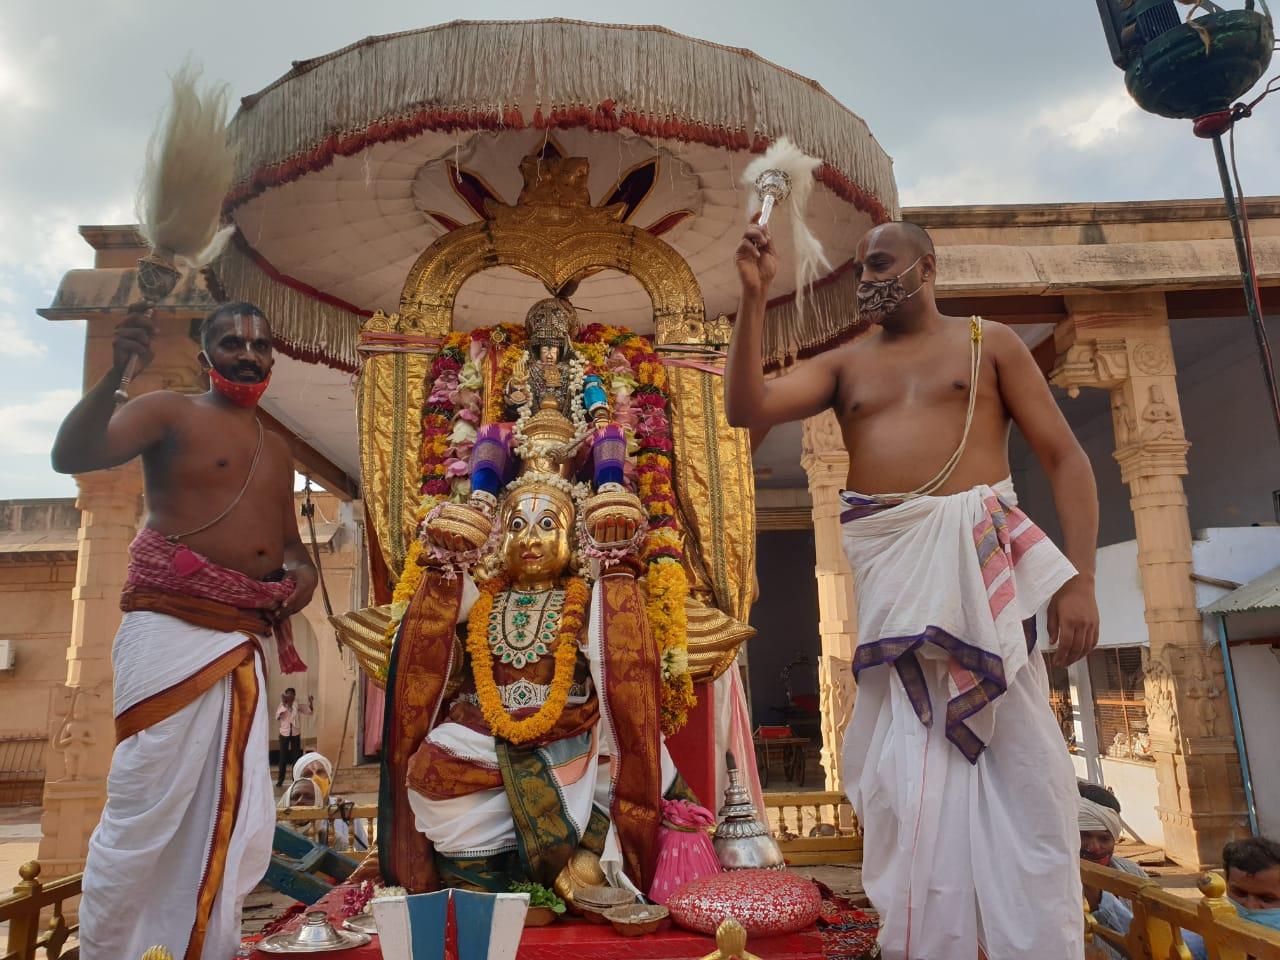 मथुरा में कई साल से चली आ रही परंपरा का हुआ निर्वहन, कोरोना नियमों के तहत भक्तों ने किए दर्शन|मथुरा,Mathura - Dainik Bhaskar